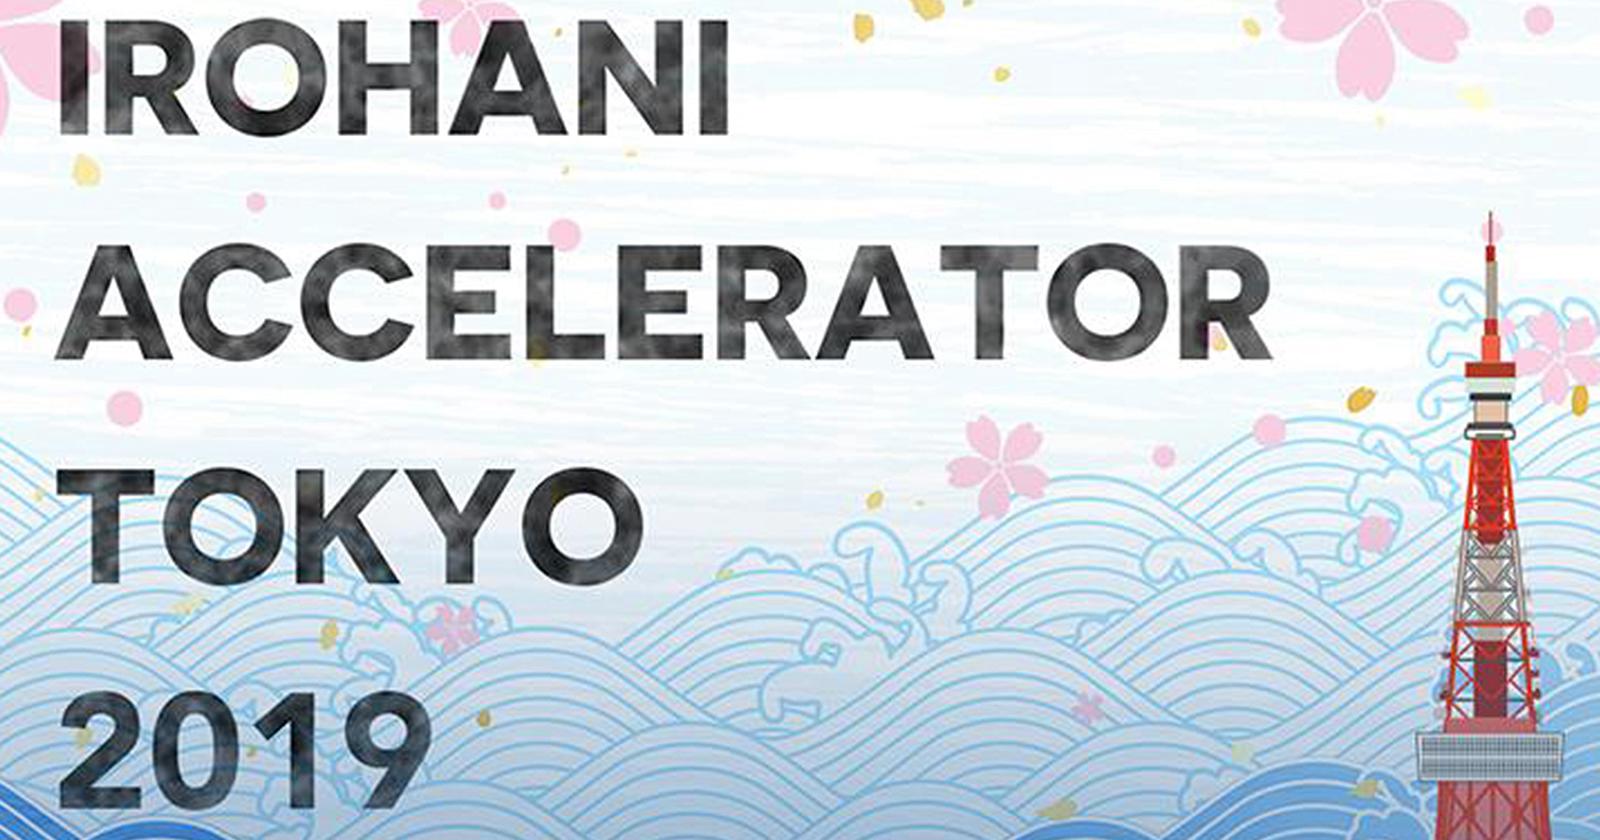 【イベント協賛】IROHANI Accelerator Tokyo 2019に協賛いたしました。